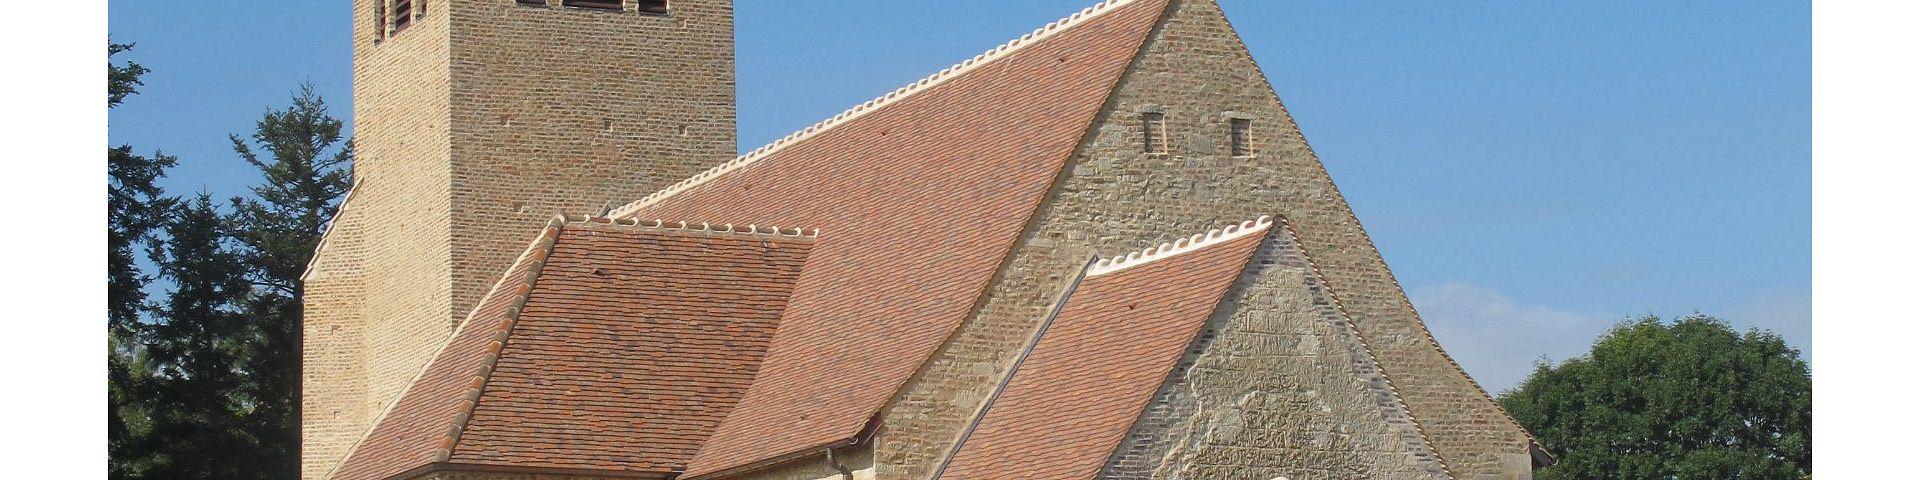 Neublans-Abergement - Eglise St-Etienne (39)